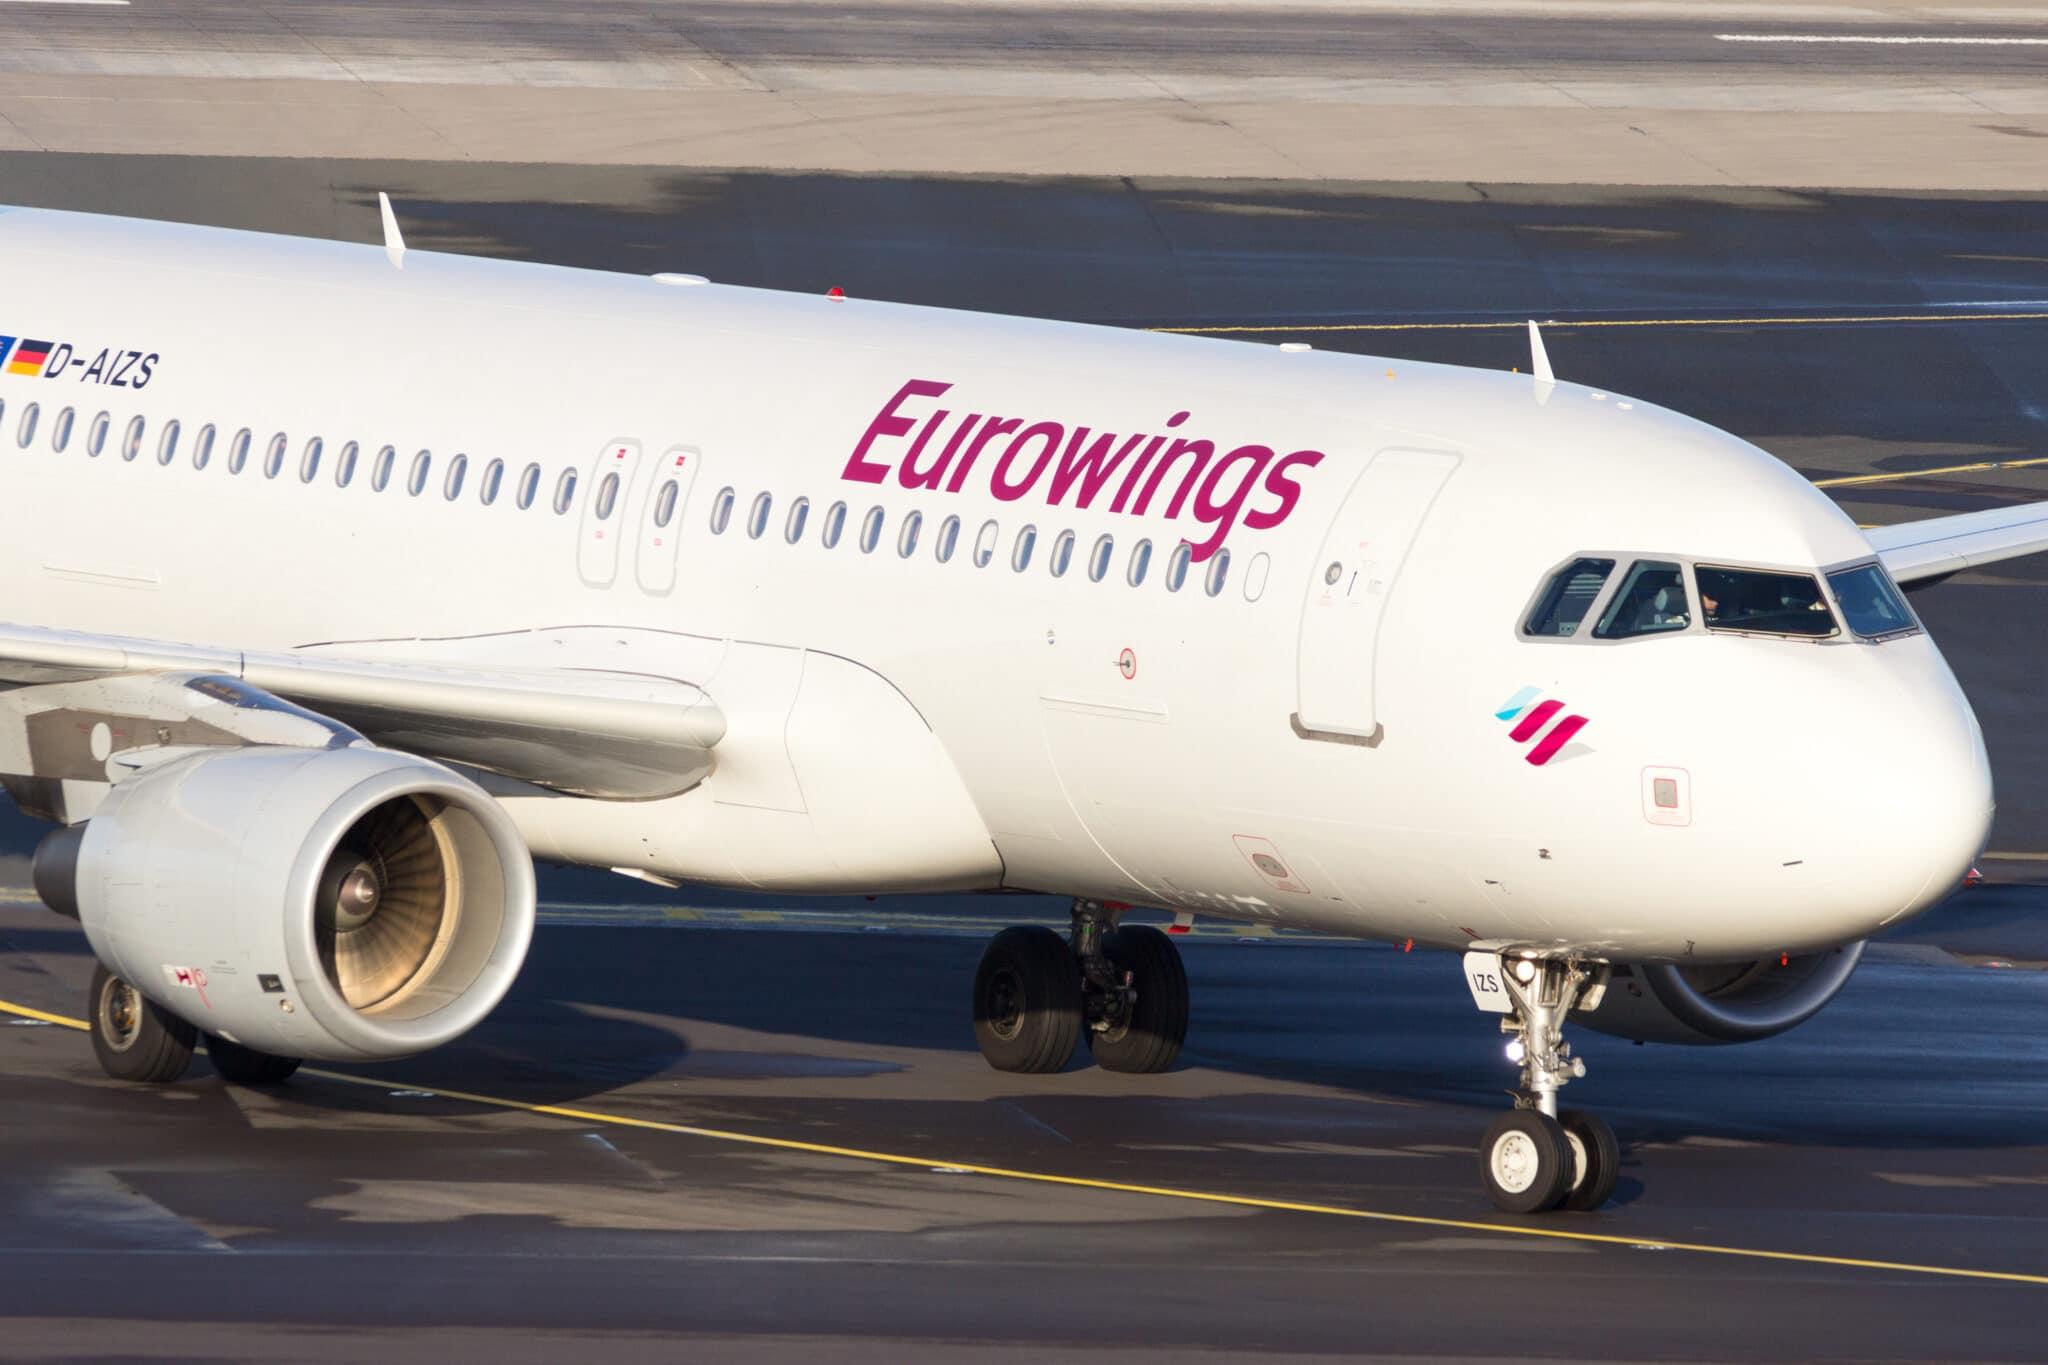 eurowings staking